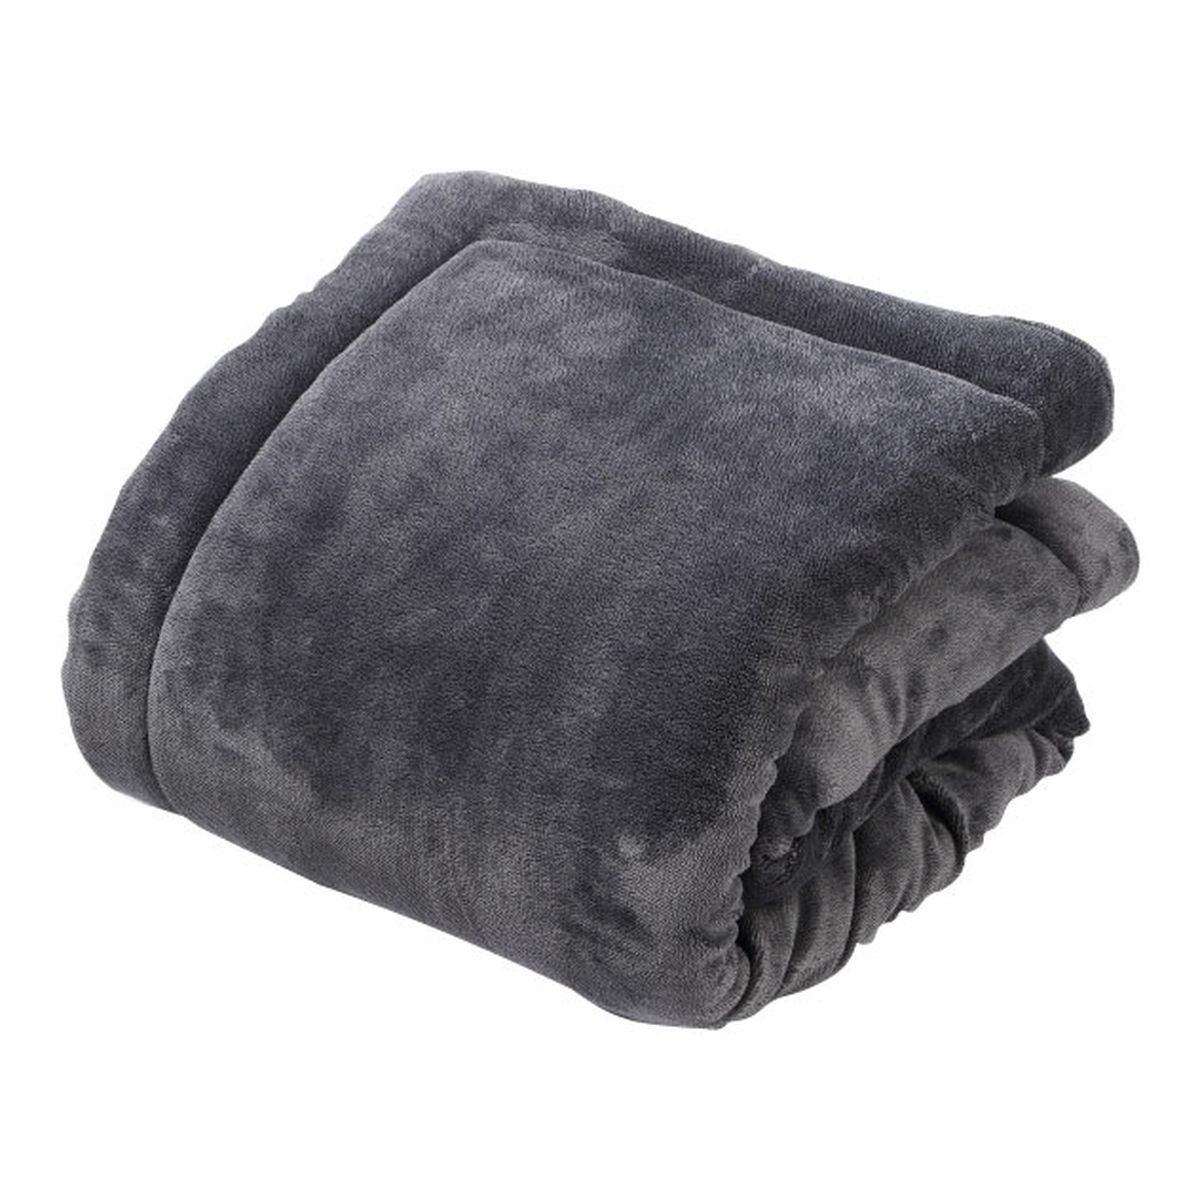 西川 ■蓄熱あったかリバーシブルケット 毛布制菌 吸湿発熱 吸放湿 消臭 シングル グレー FQ01605088730